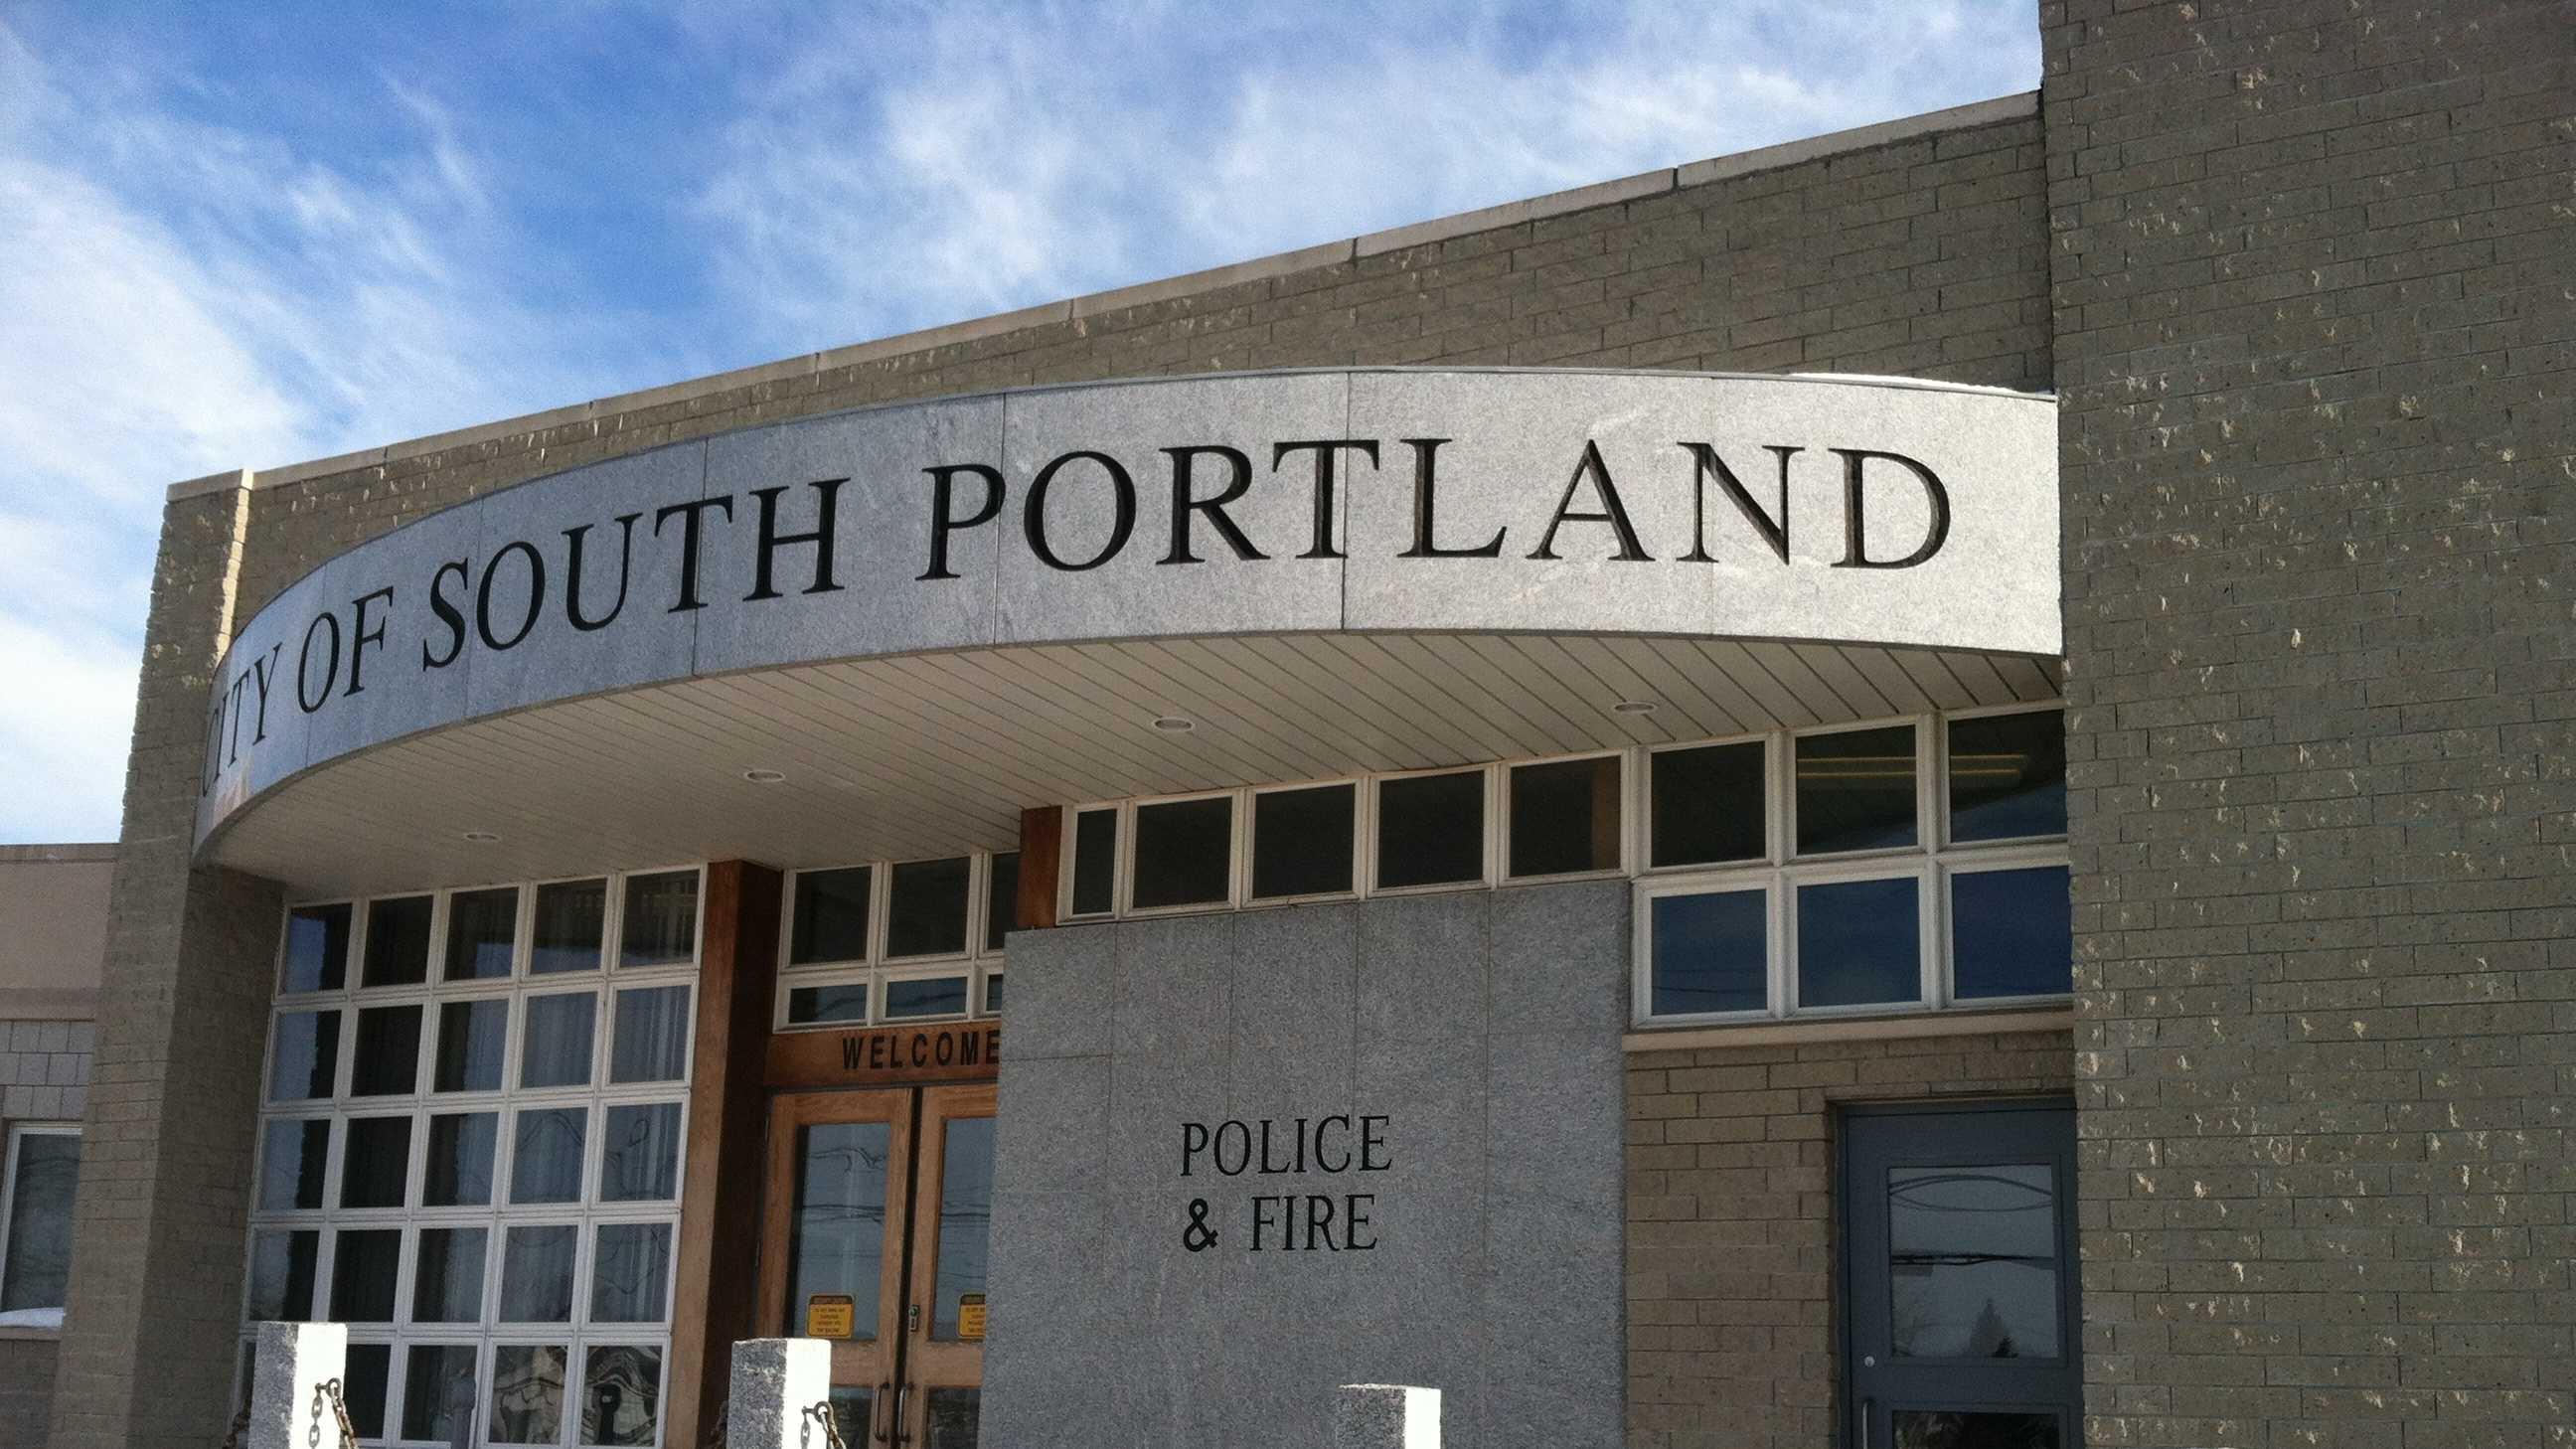 South Portland Police